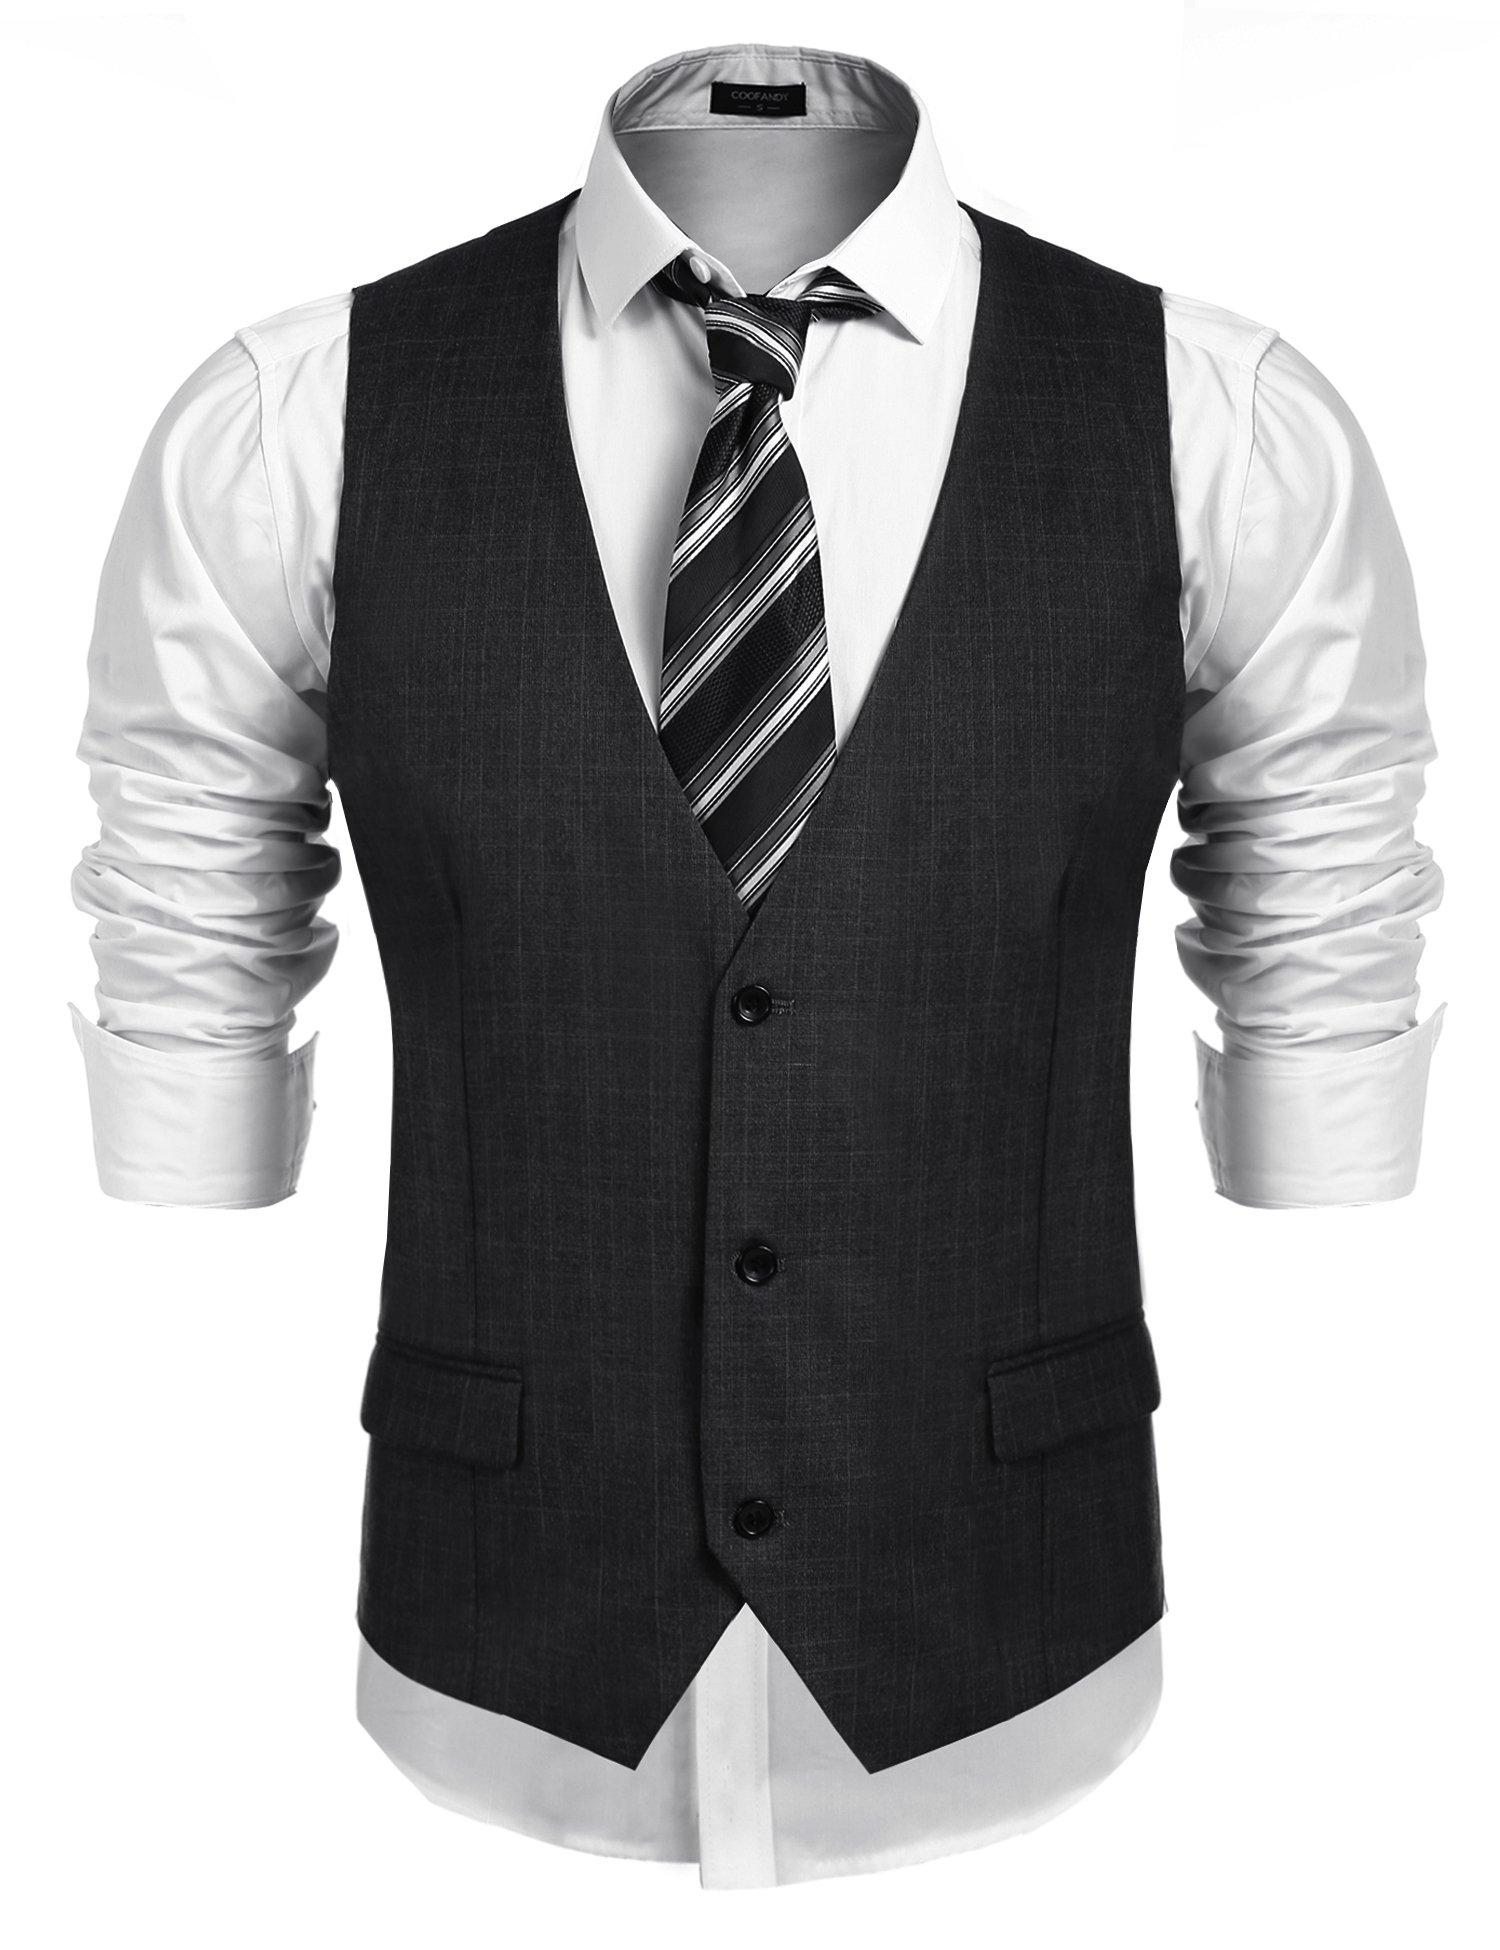 COOFANDY Men's Business Suit Vest,Slim Fit Skinny Wedding Waistcoat, Dark Gray, XX-Large